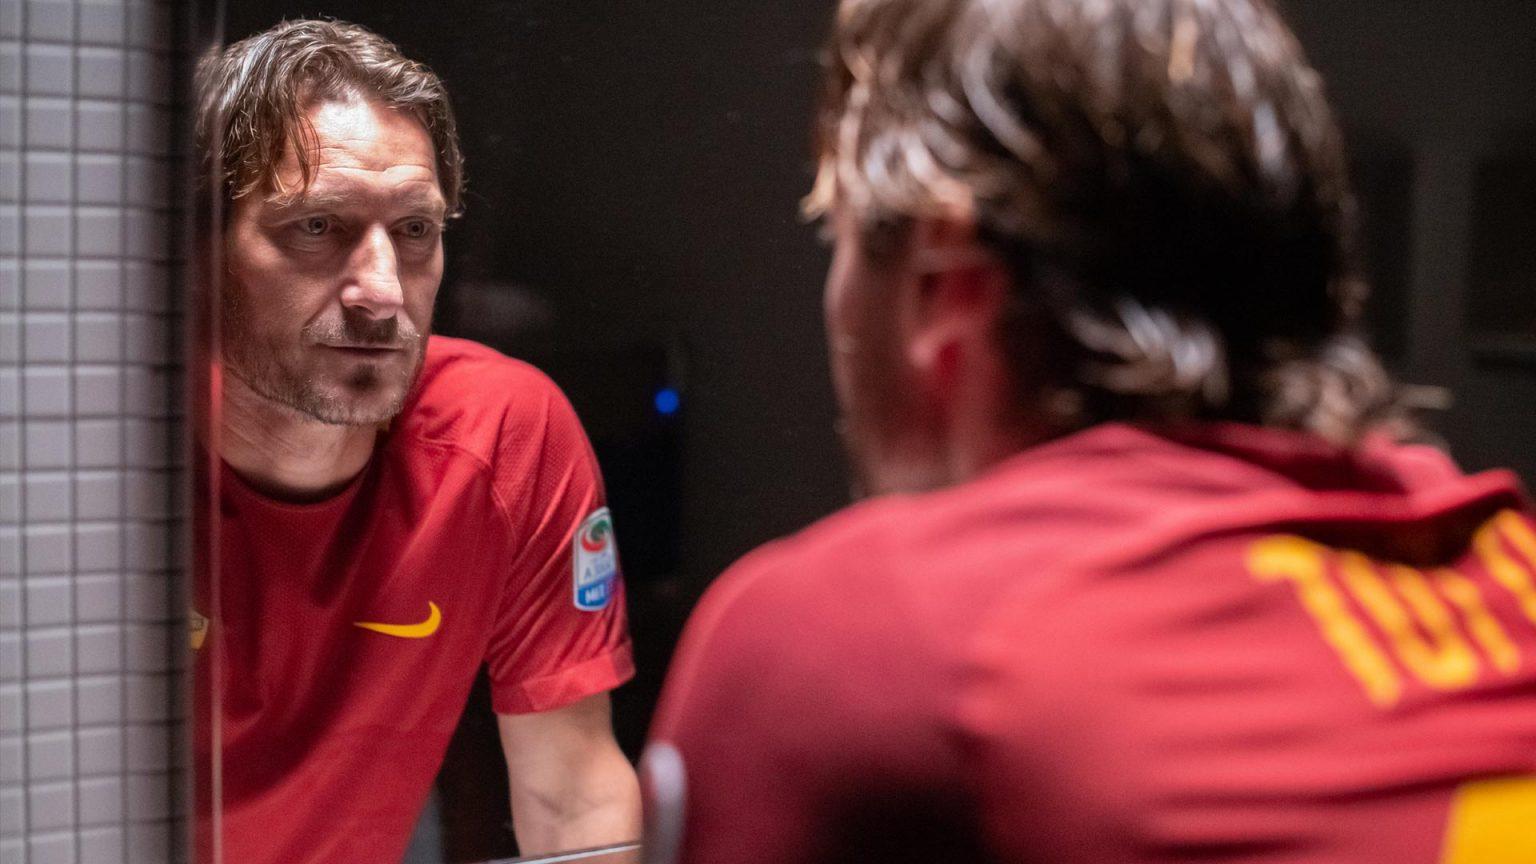 Mi chiamo Francesco Totti: Francesco Totti in  una scena del film